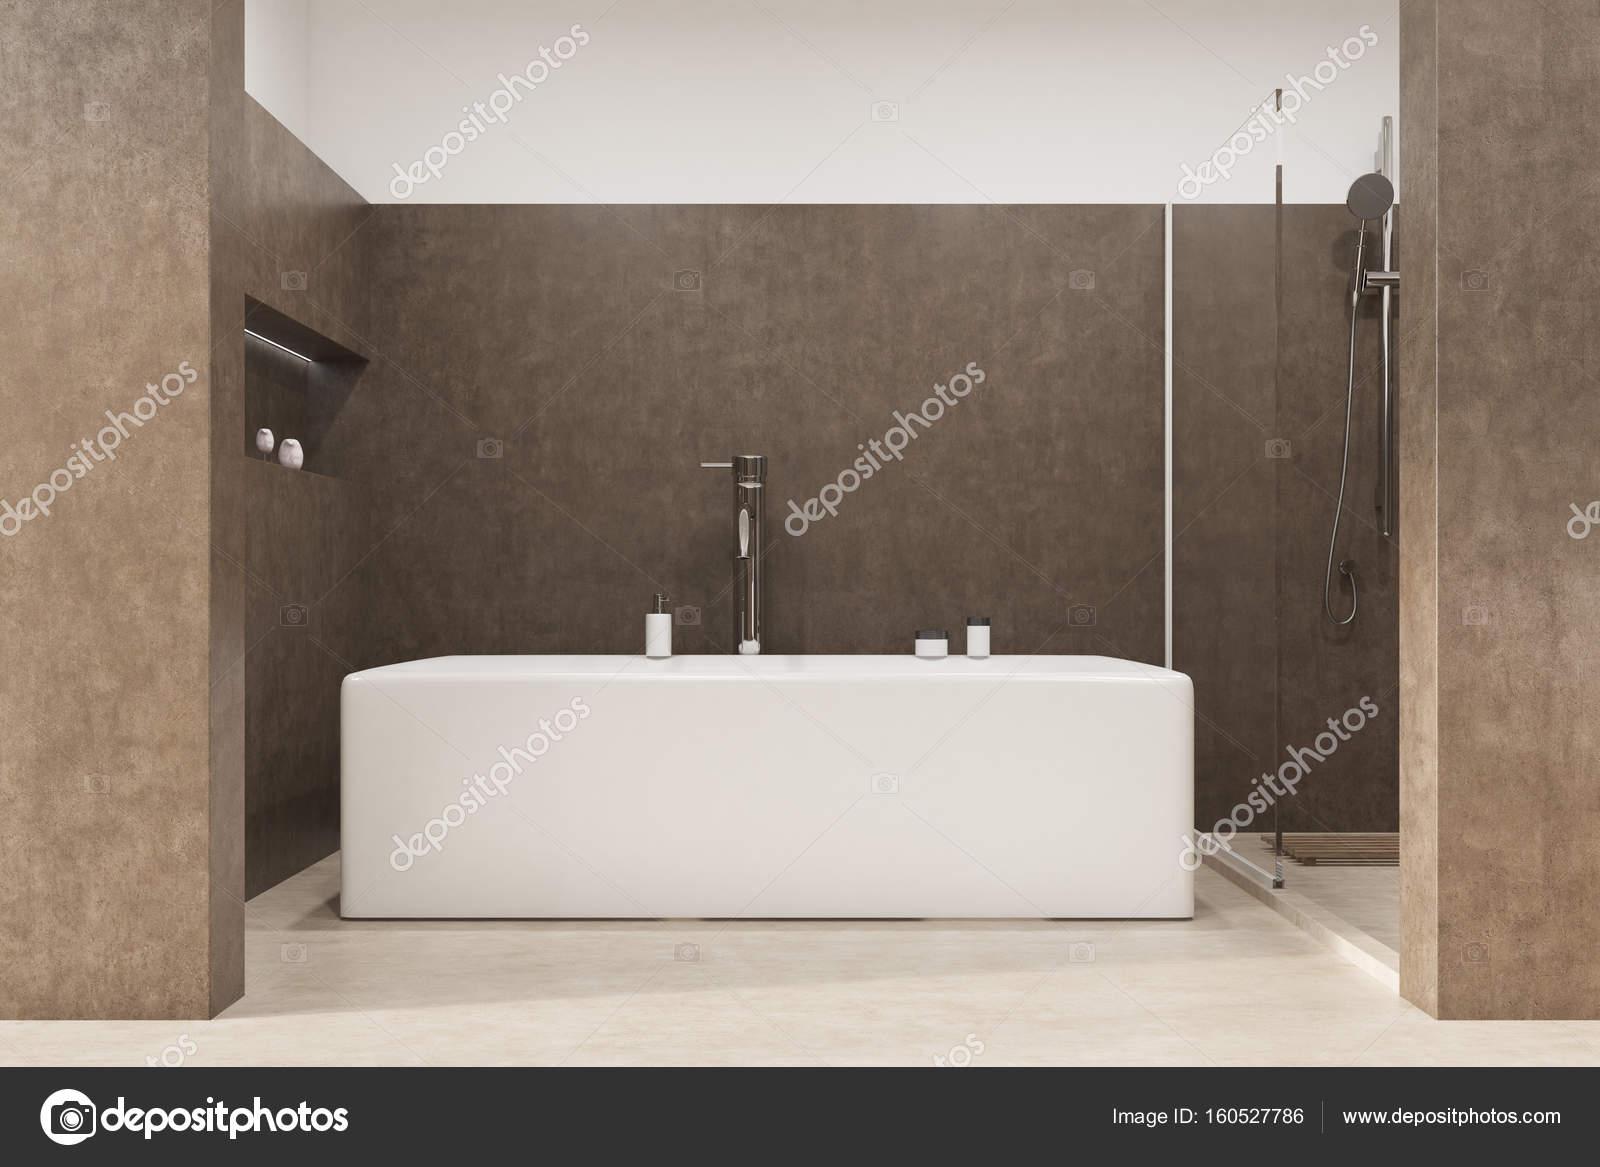 Vasca Da Bagno Con Nicchia : Stanza da bagno con una vasca angolare brown u2014 foto stock